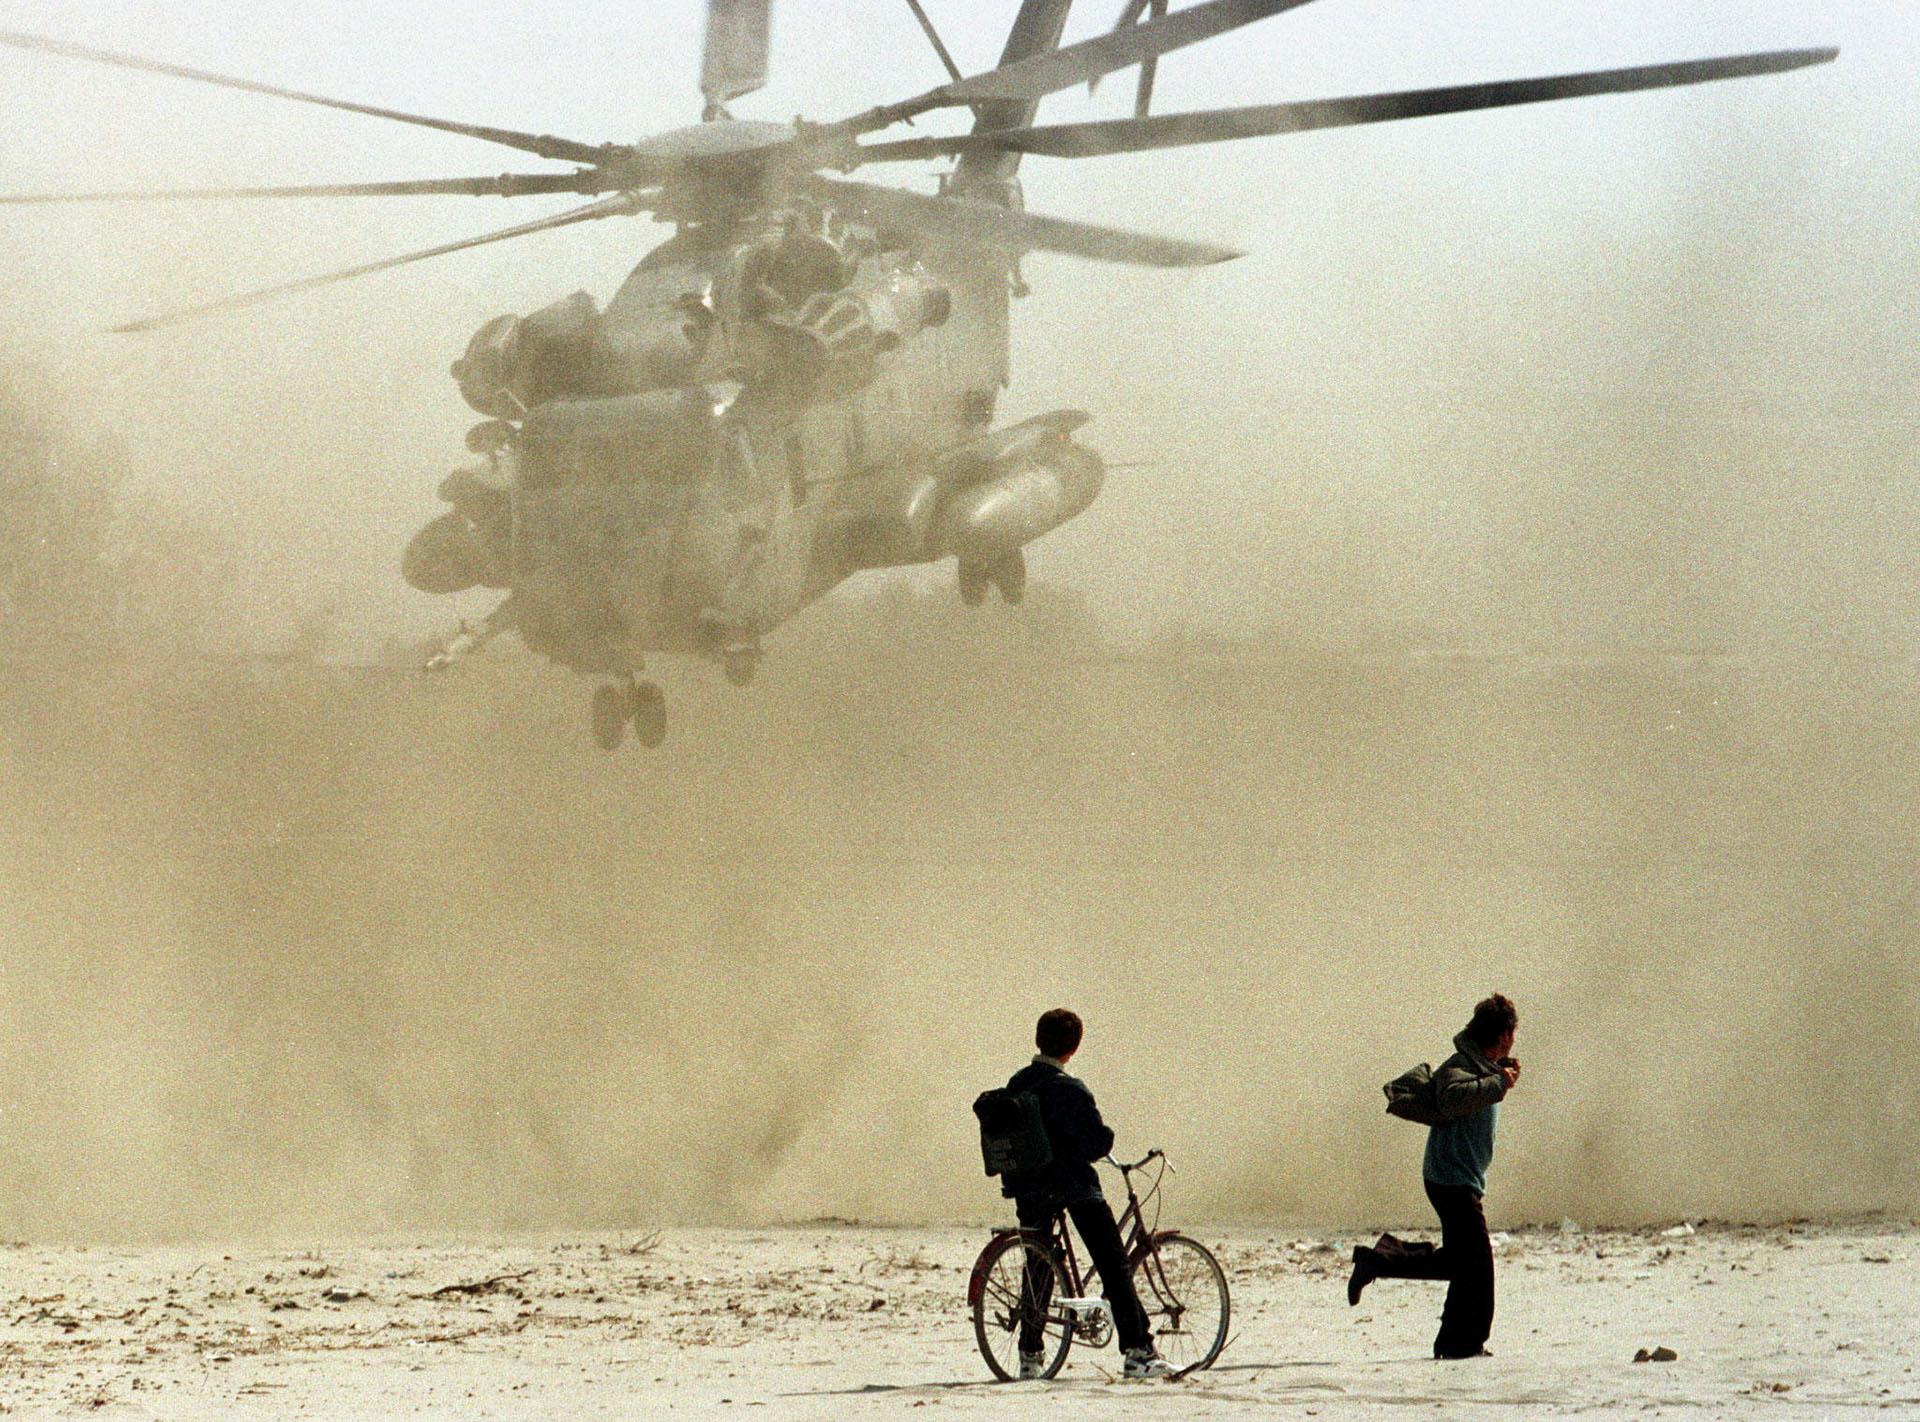 Dos albanos observan el despegue de un helicóptero estadounidense cerca al puerto de Durres. Las naves rescataban a ciudadanos norteamericanos del caos desatado en la zona